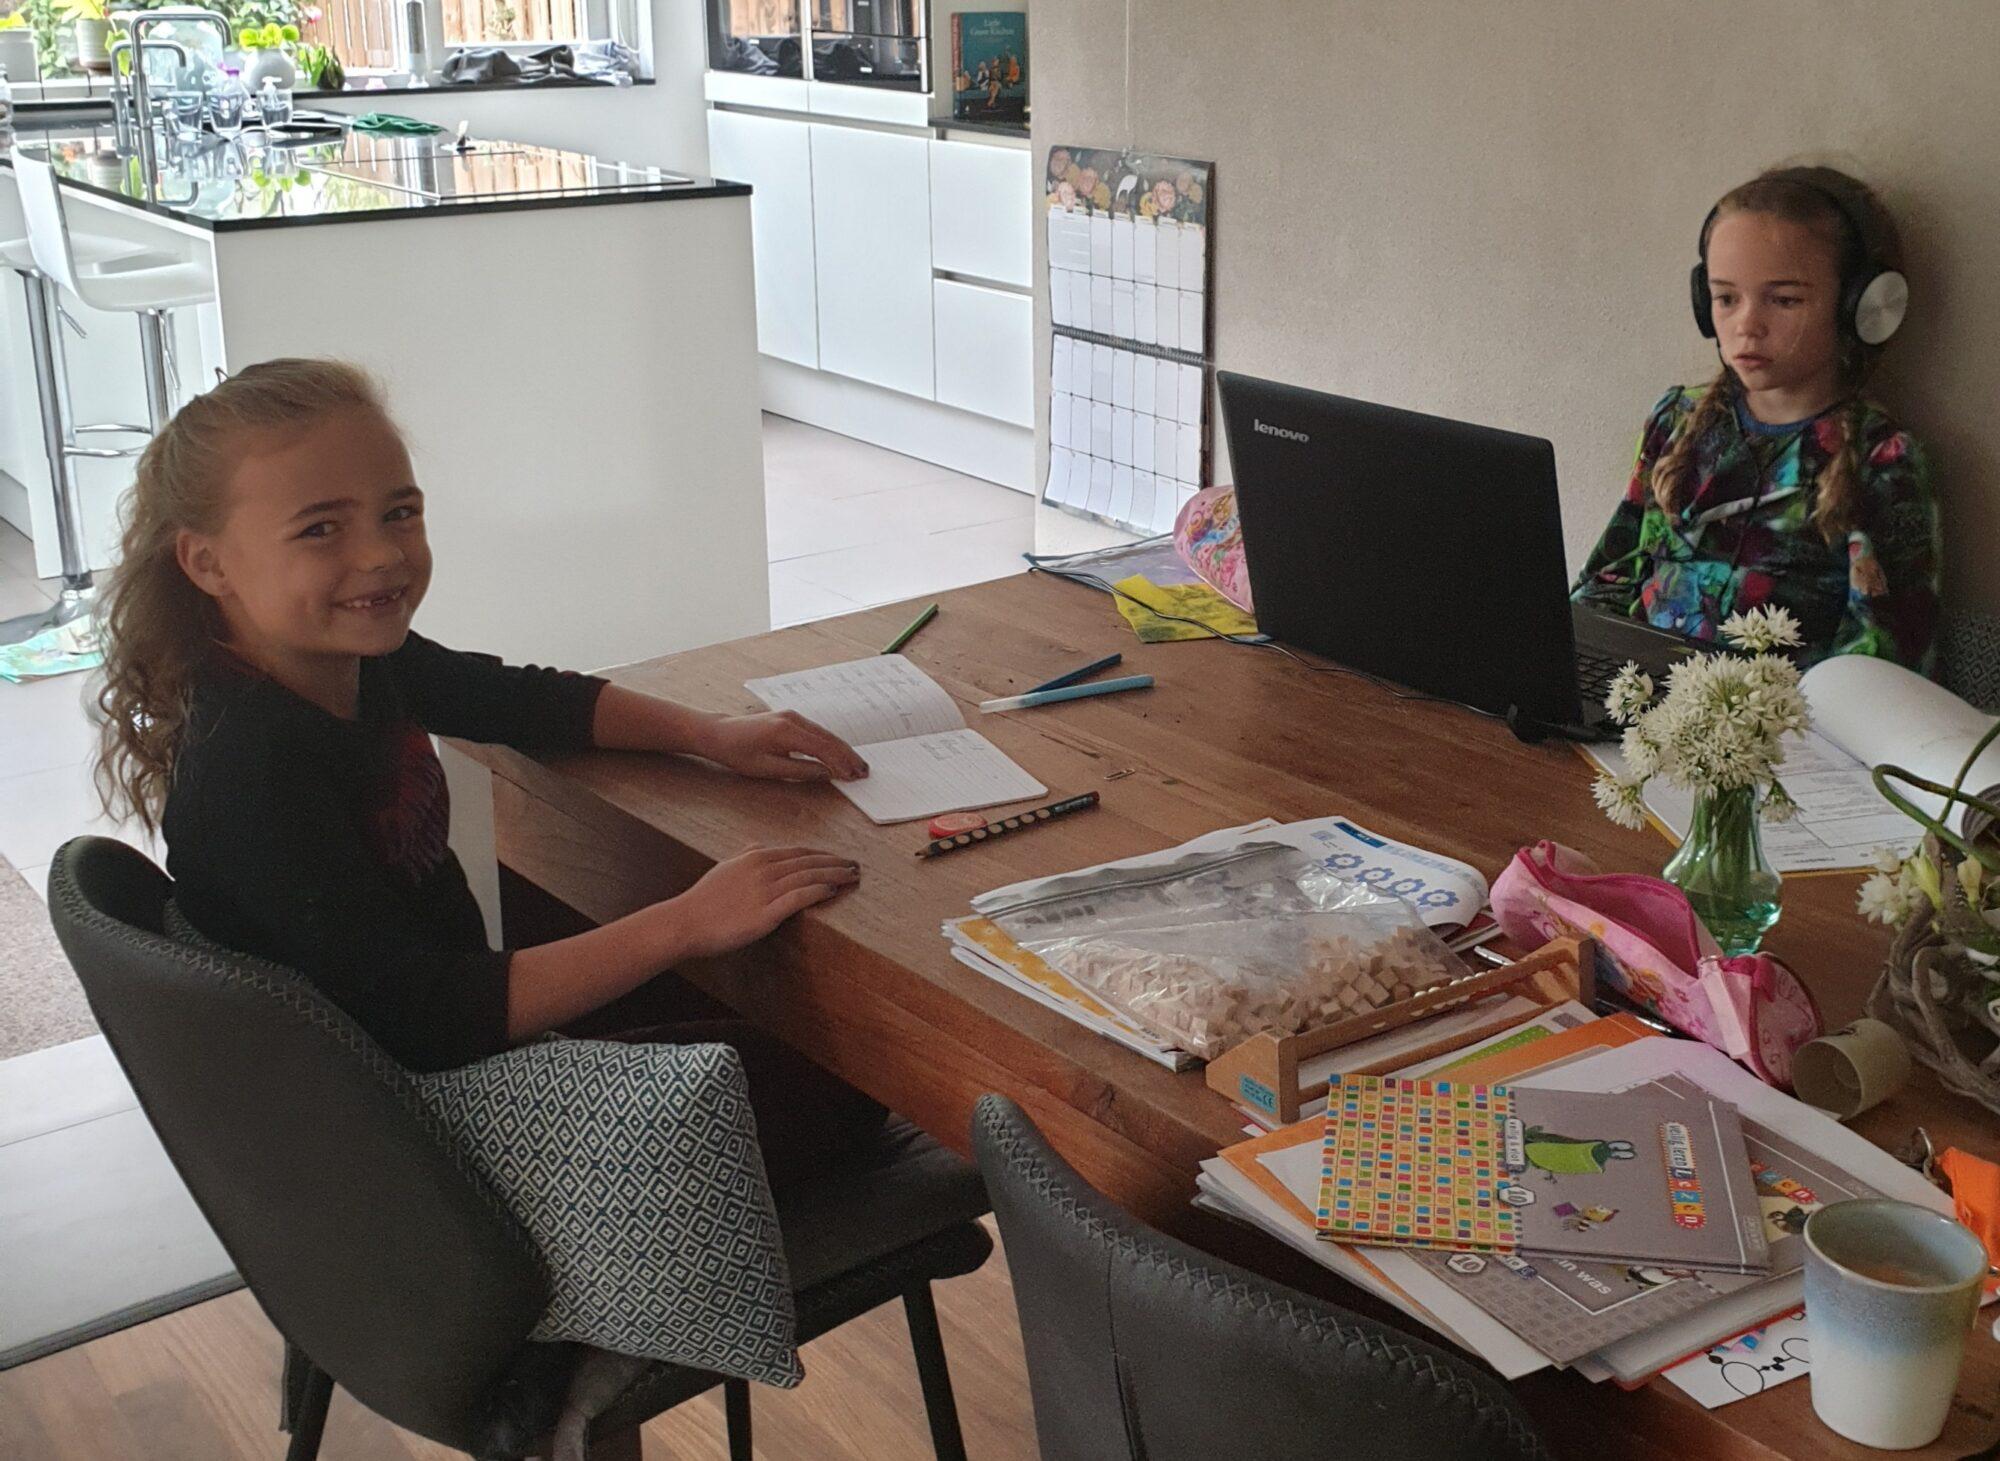 'Opvoeding is zwaar in coronatijd, maar ook meer rust'